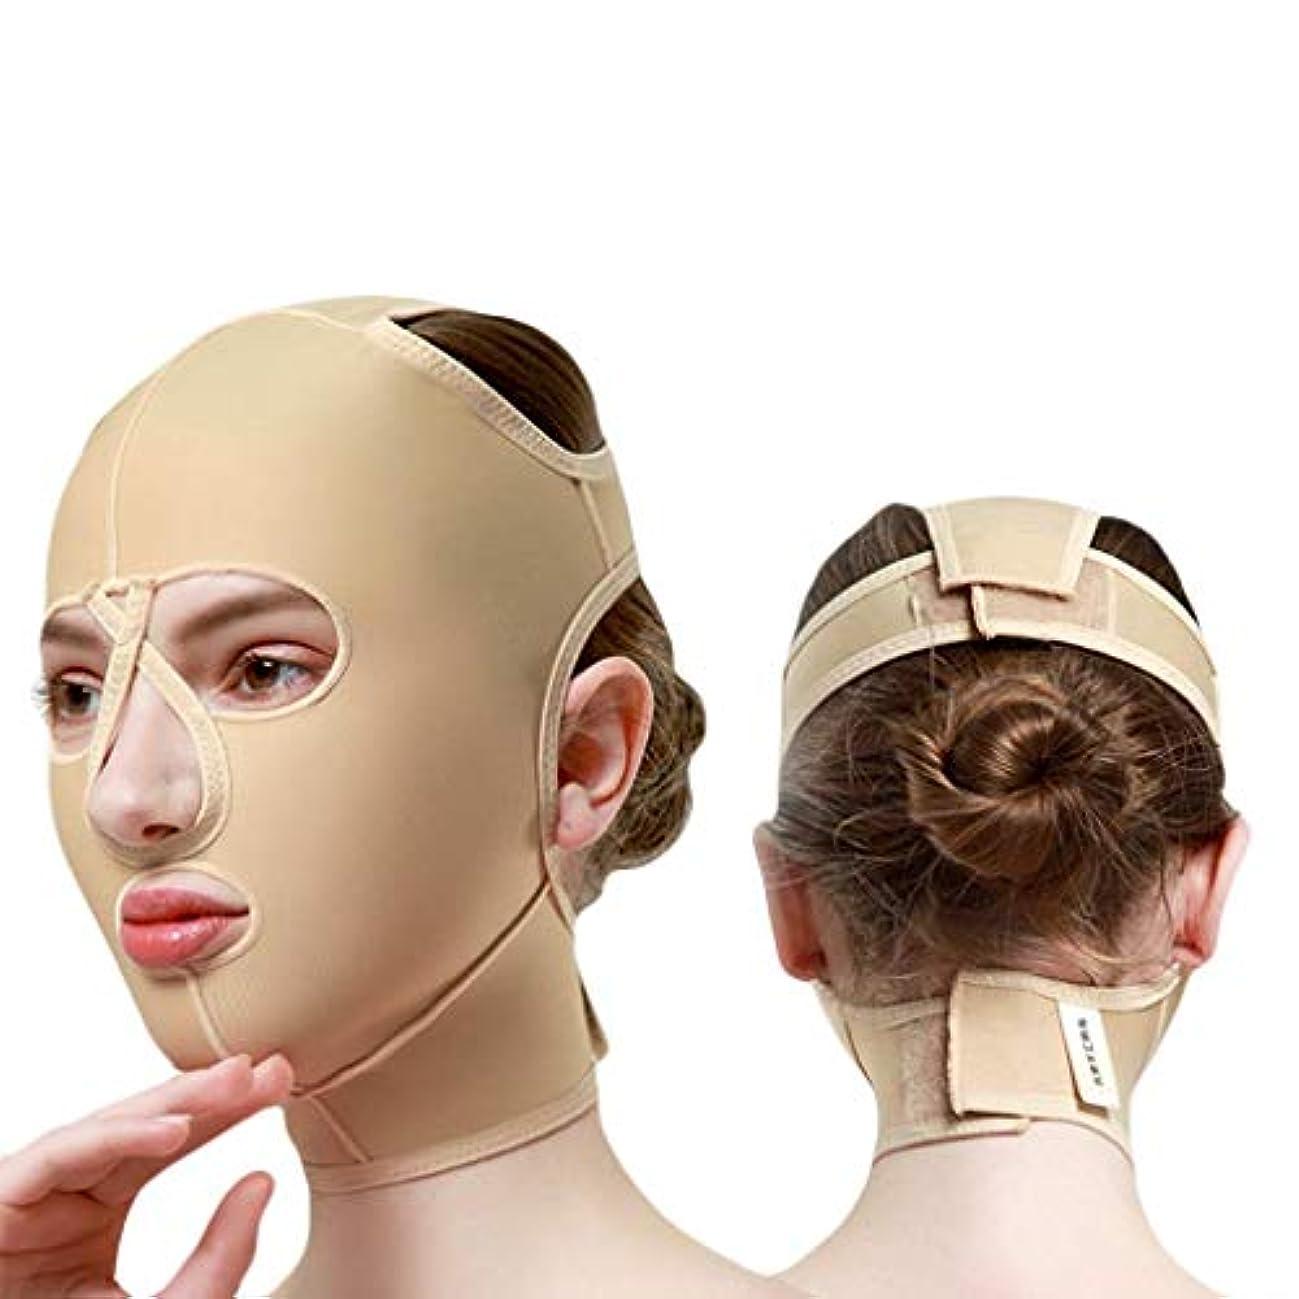 限られた動物園バイパスチンストラップ、顔彫りツール、リフティングマスク、ダブルチンリデューサー、フェイスリフティングエラスティックマスクメス(サイズ:M),L